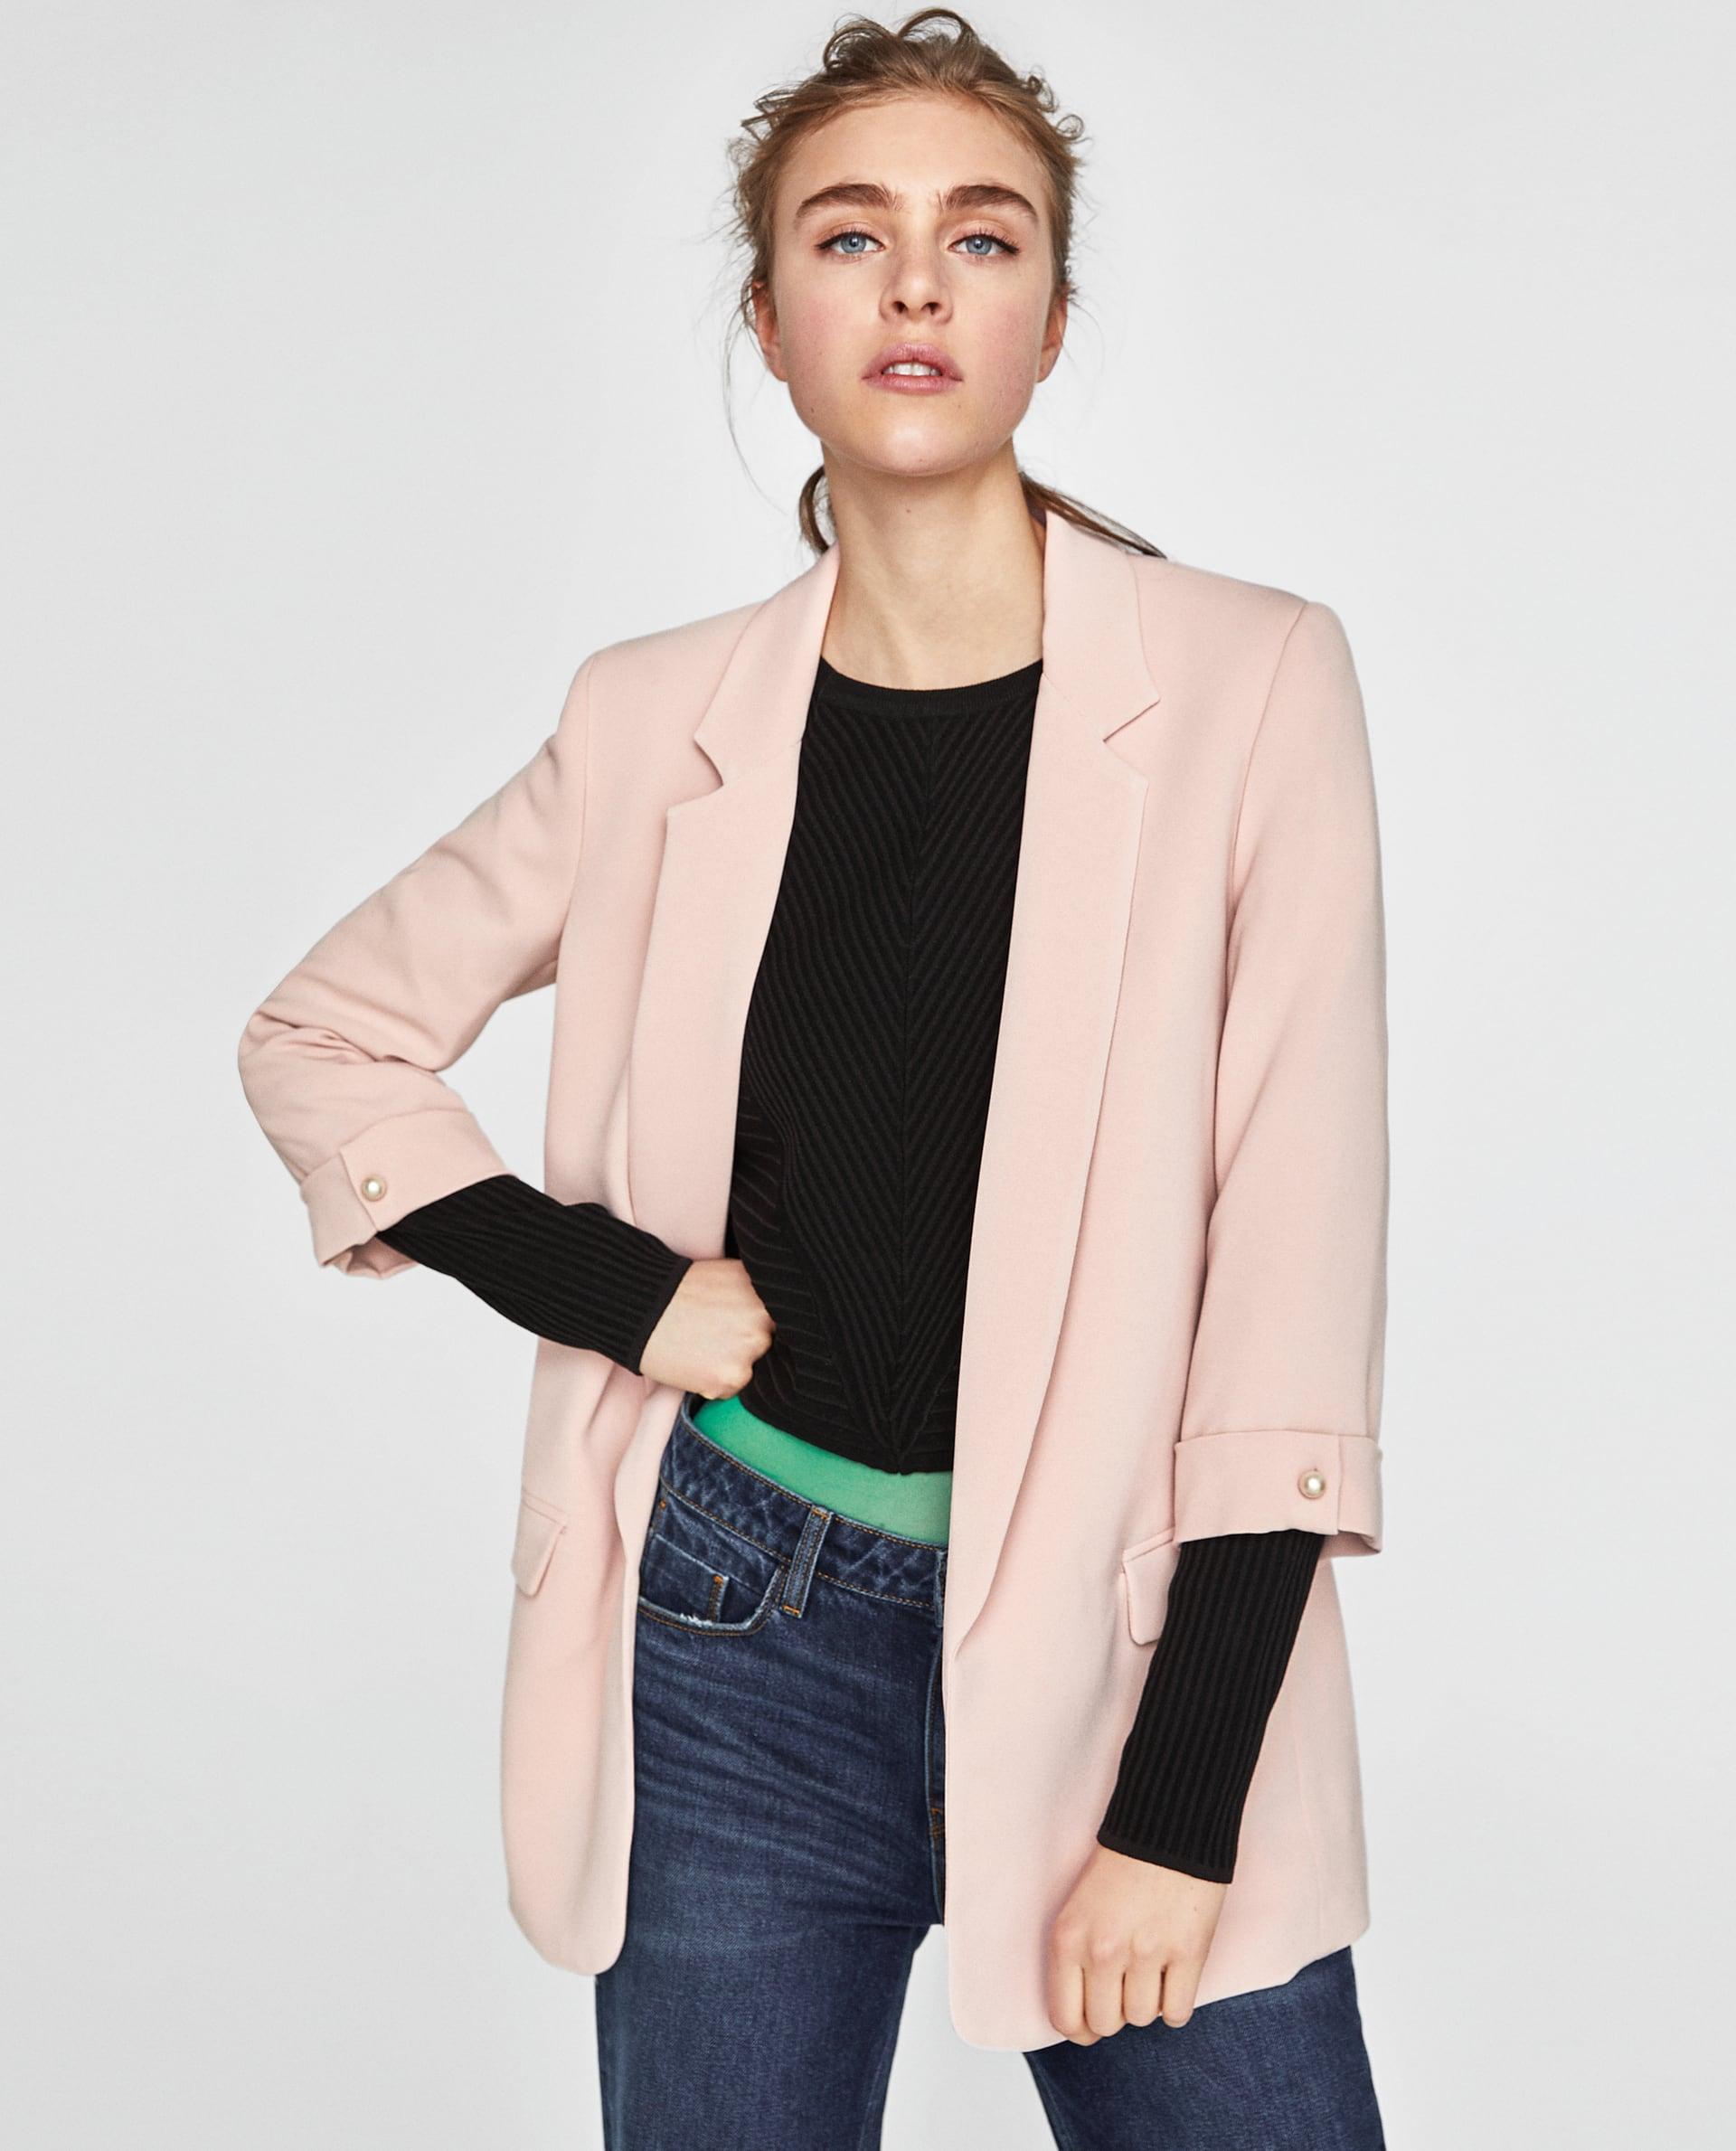 Zara abbigliamento Primavera Estate 2018  la nuova collezione ... 3217fb057d4